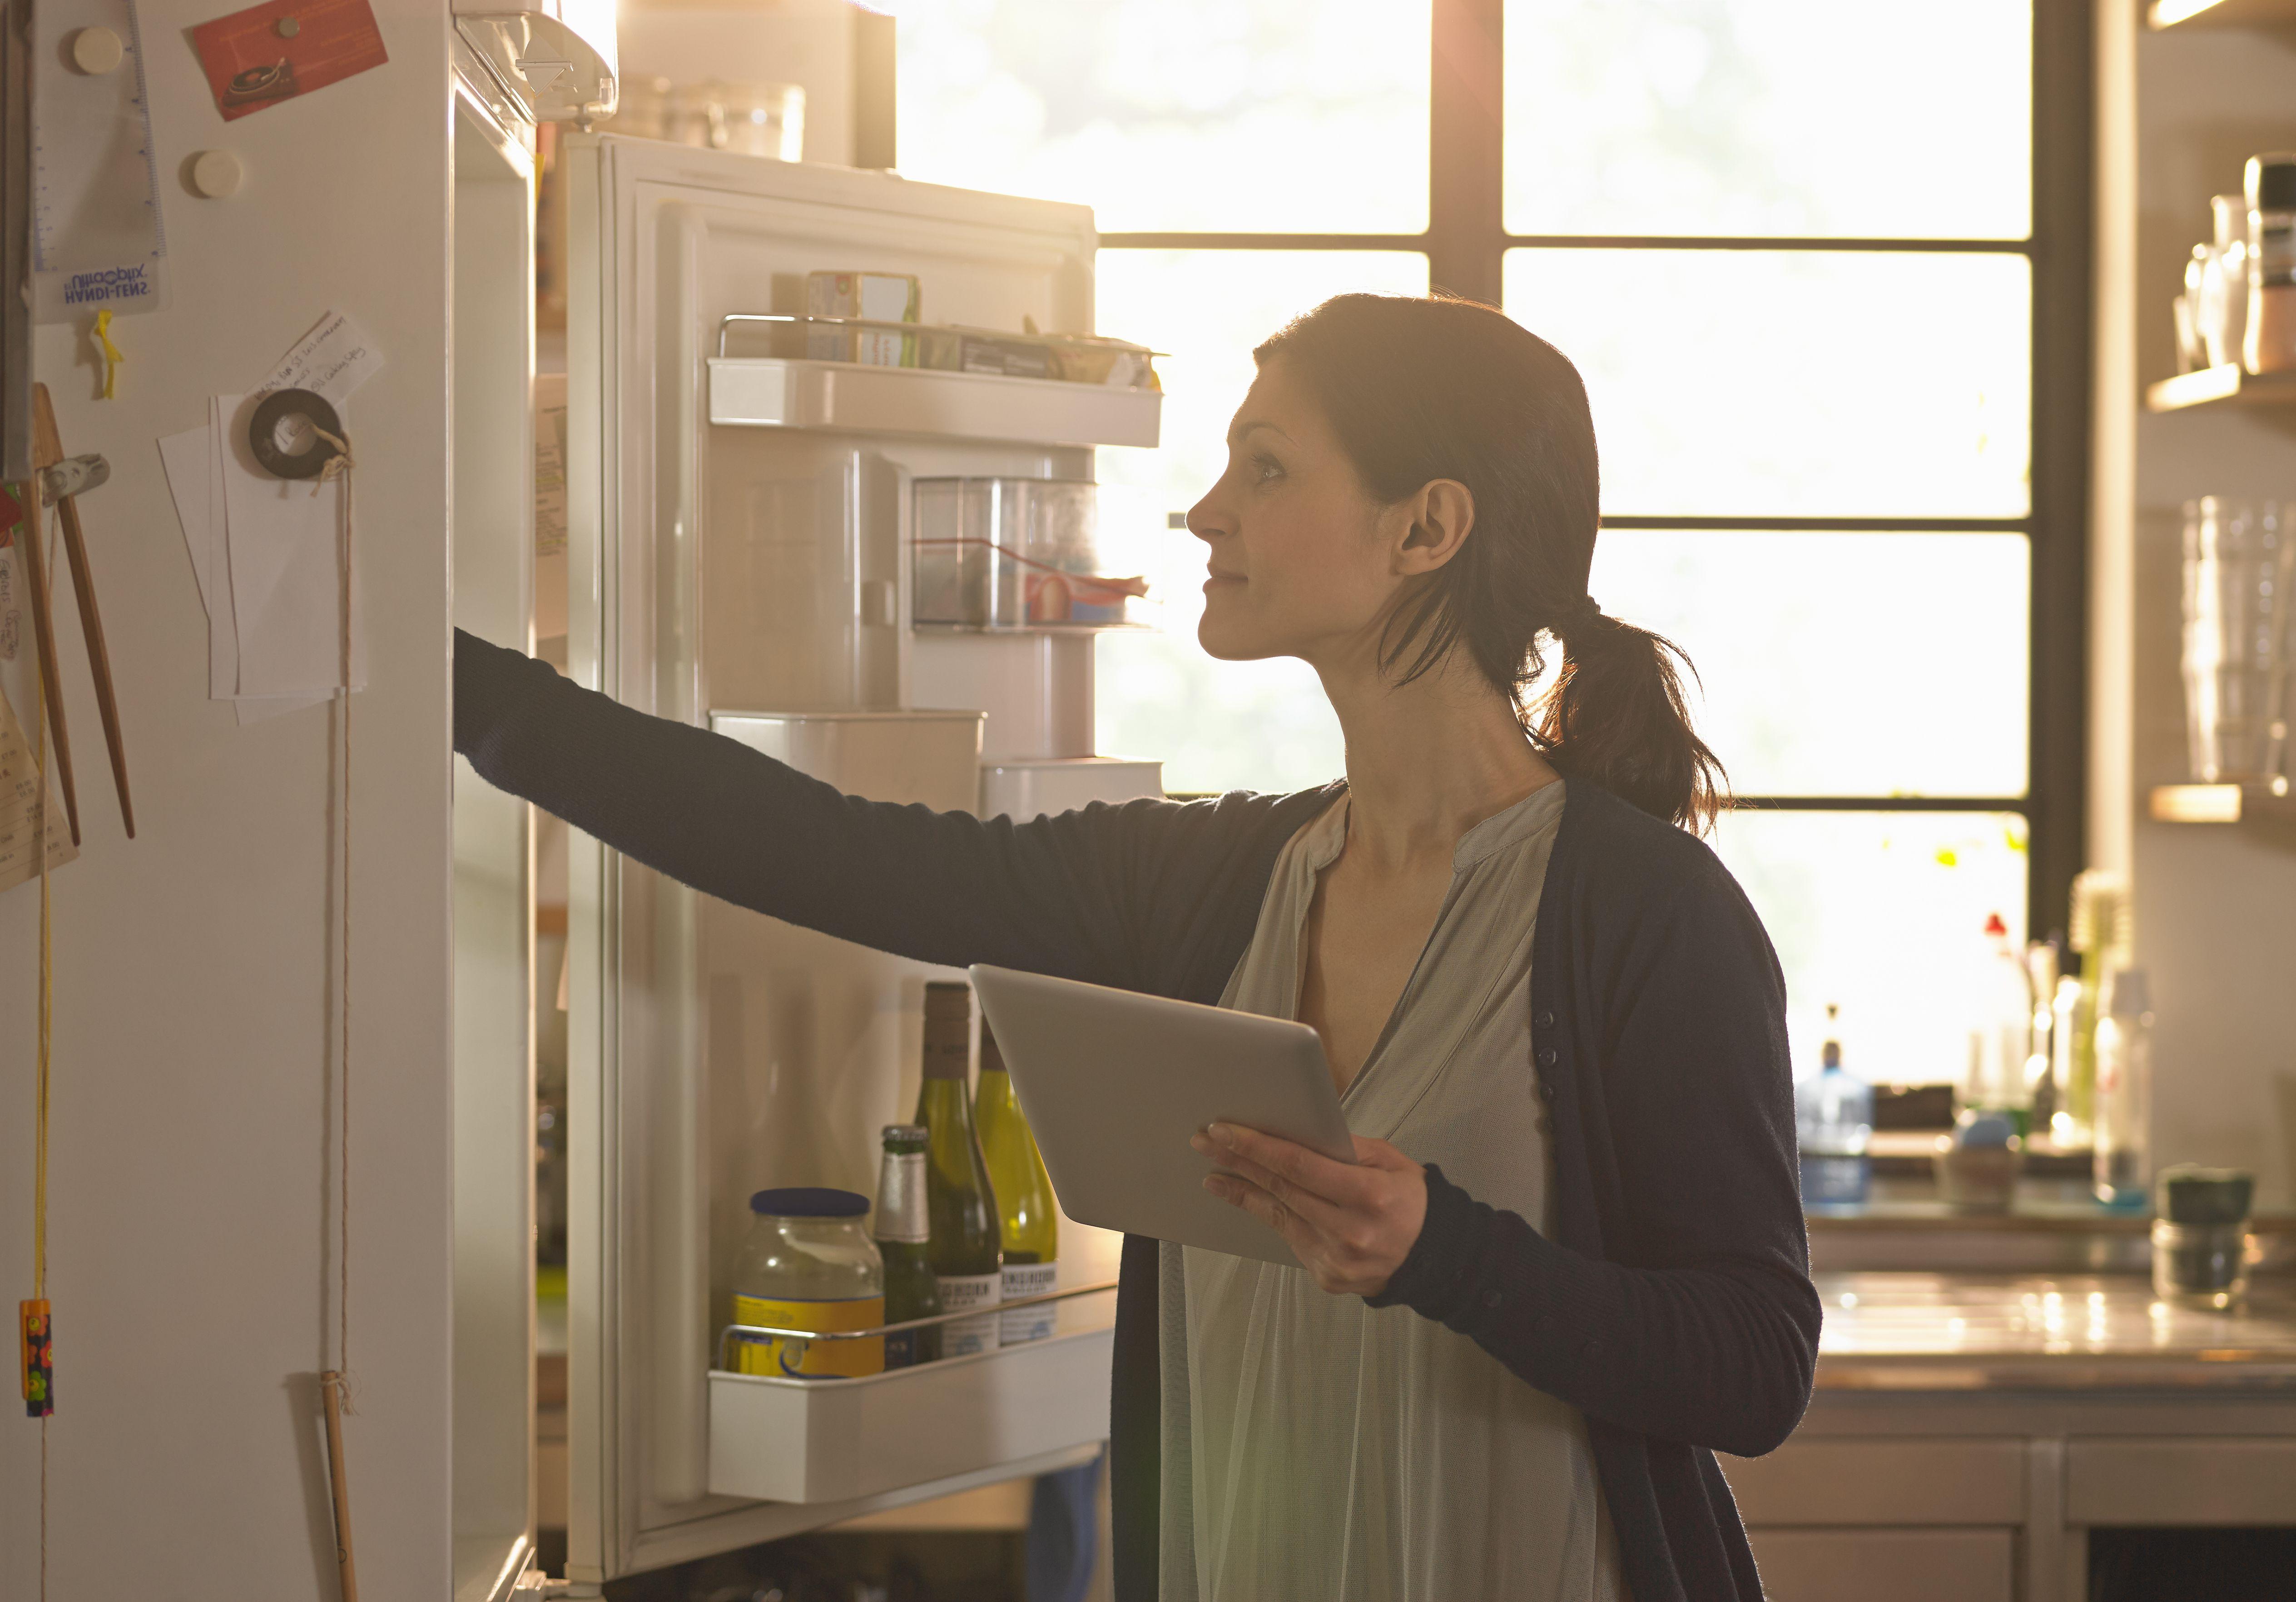 woman at refrigerator